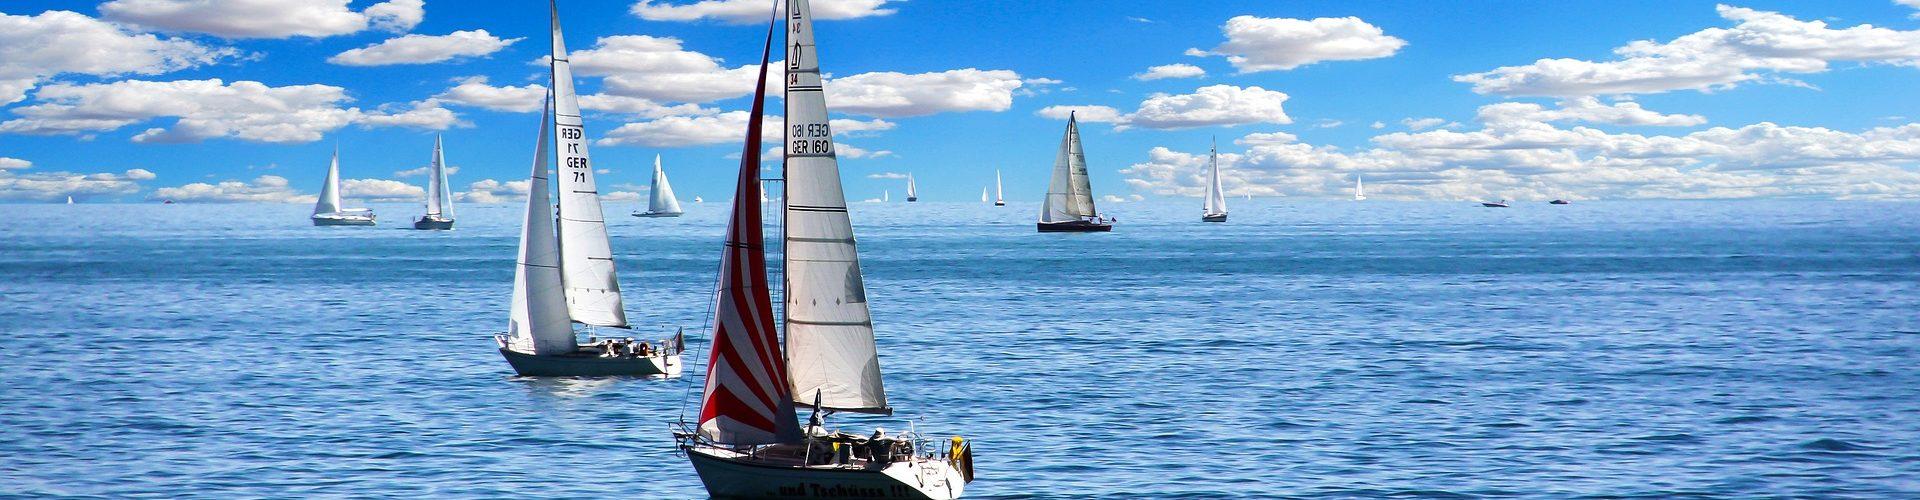 segeln lernen in Rade bei Rendsburg segelschein machen in Rade bei Rendsburg 1920x500 - Segeln lernen in Rade bei Rendsburg